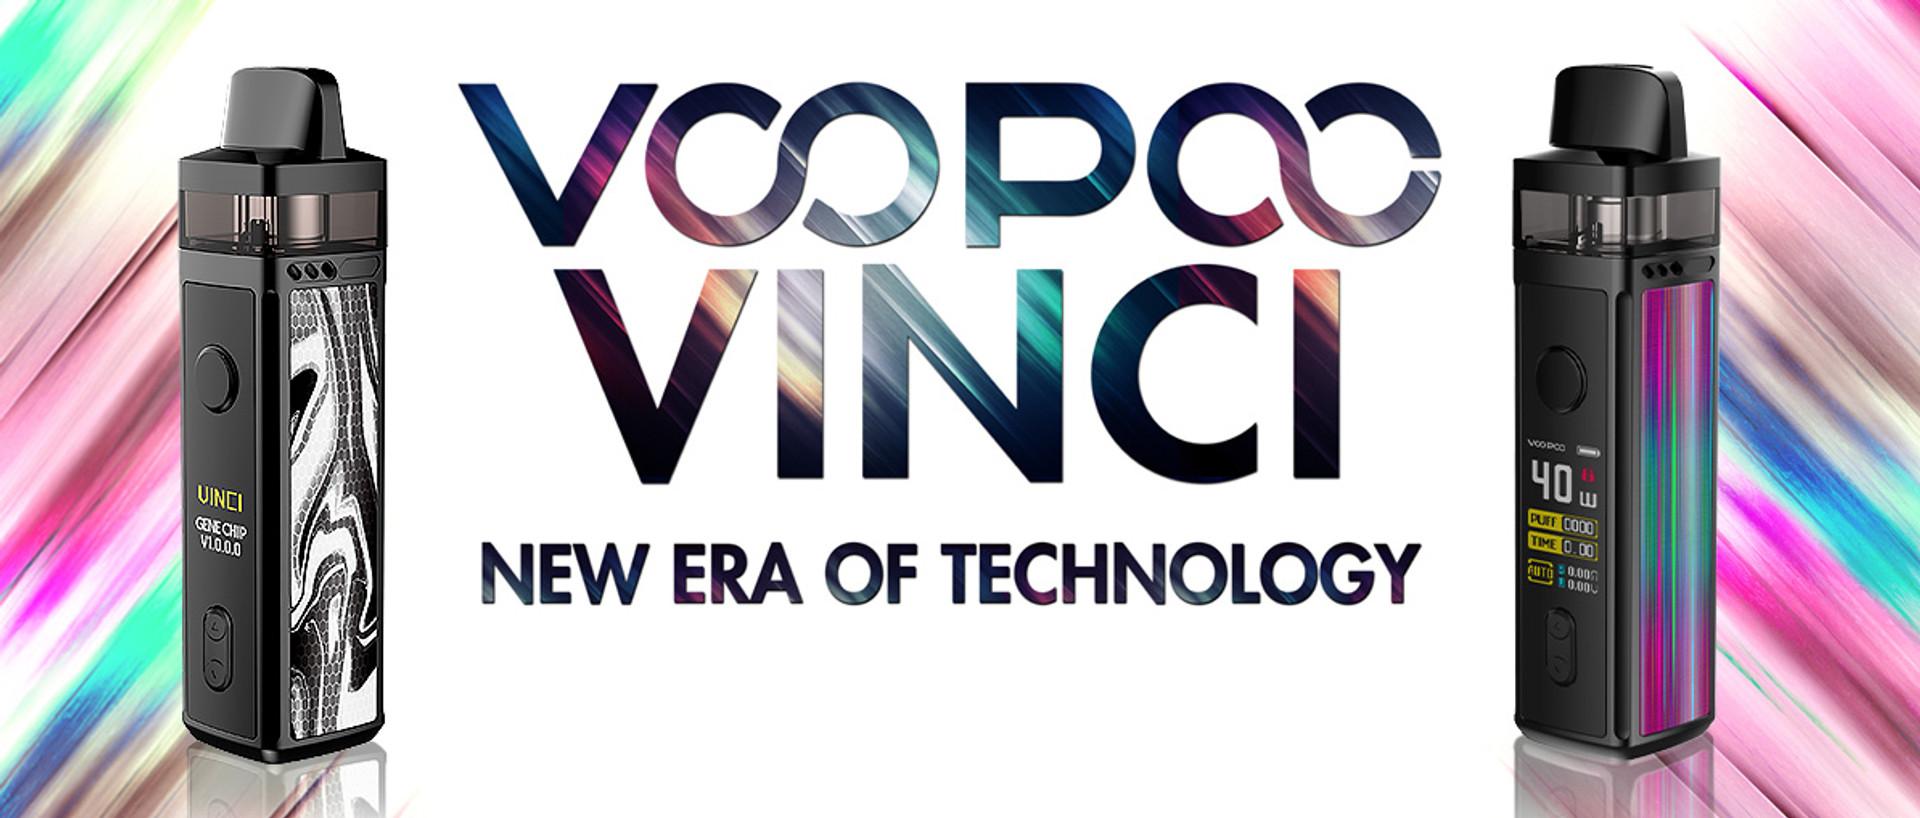 VooPoo Vinci Pod Mod Starter Kit